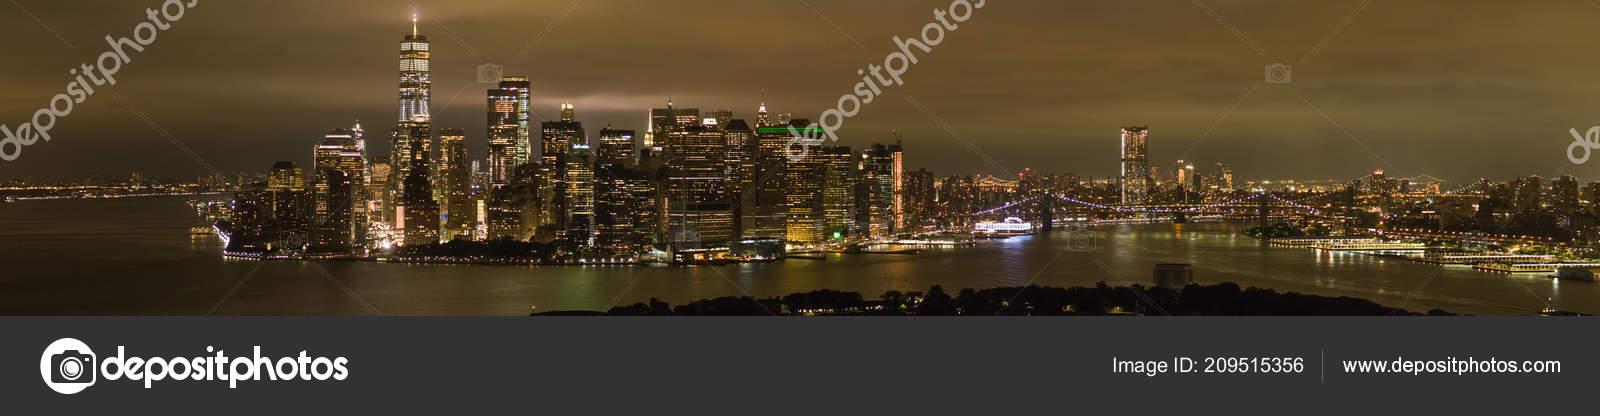 Immagine Drone Aerea Notte New York City Manhattan Notte Con — Foto ...